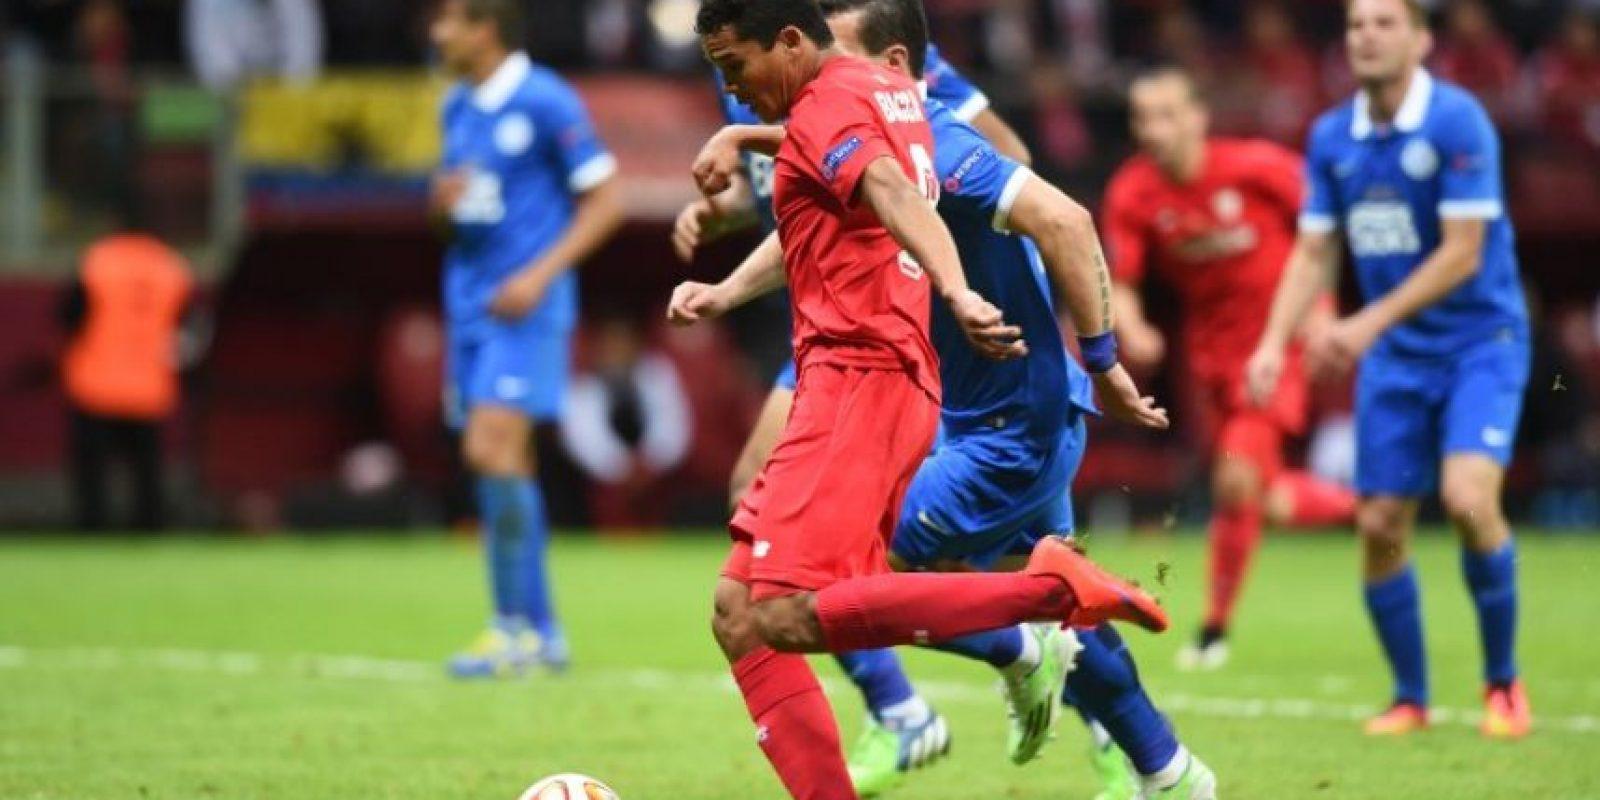 Solo debajo del brasileño Alán y el belga Romelu Lukaku. Foto:AFP